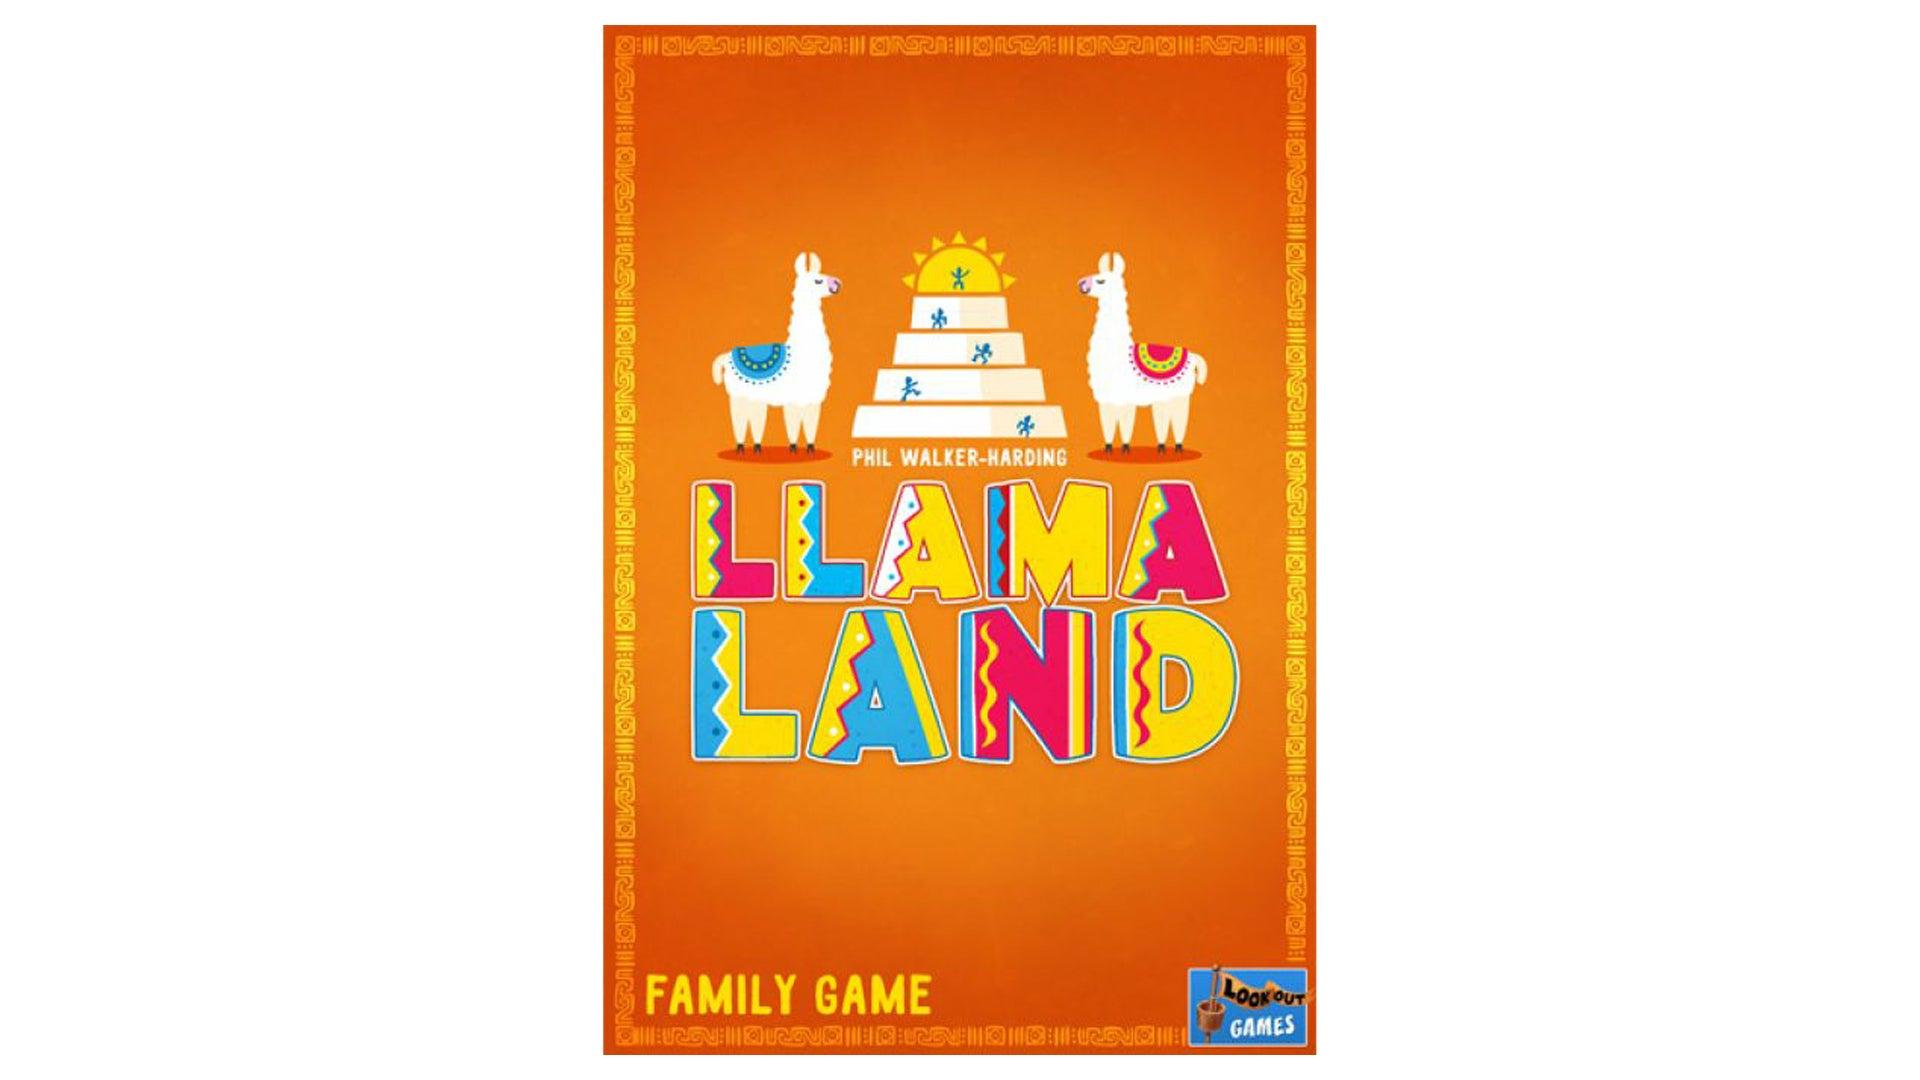 Llama board game artwork